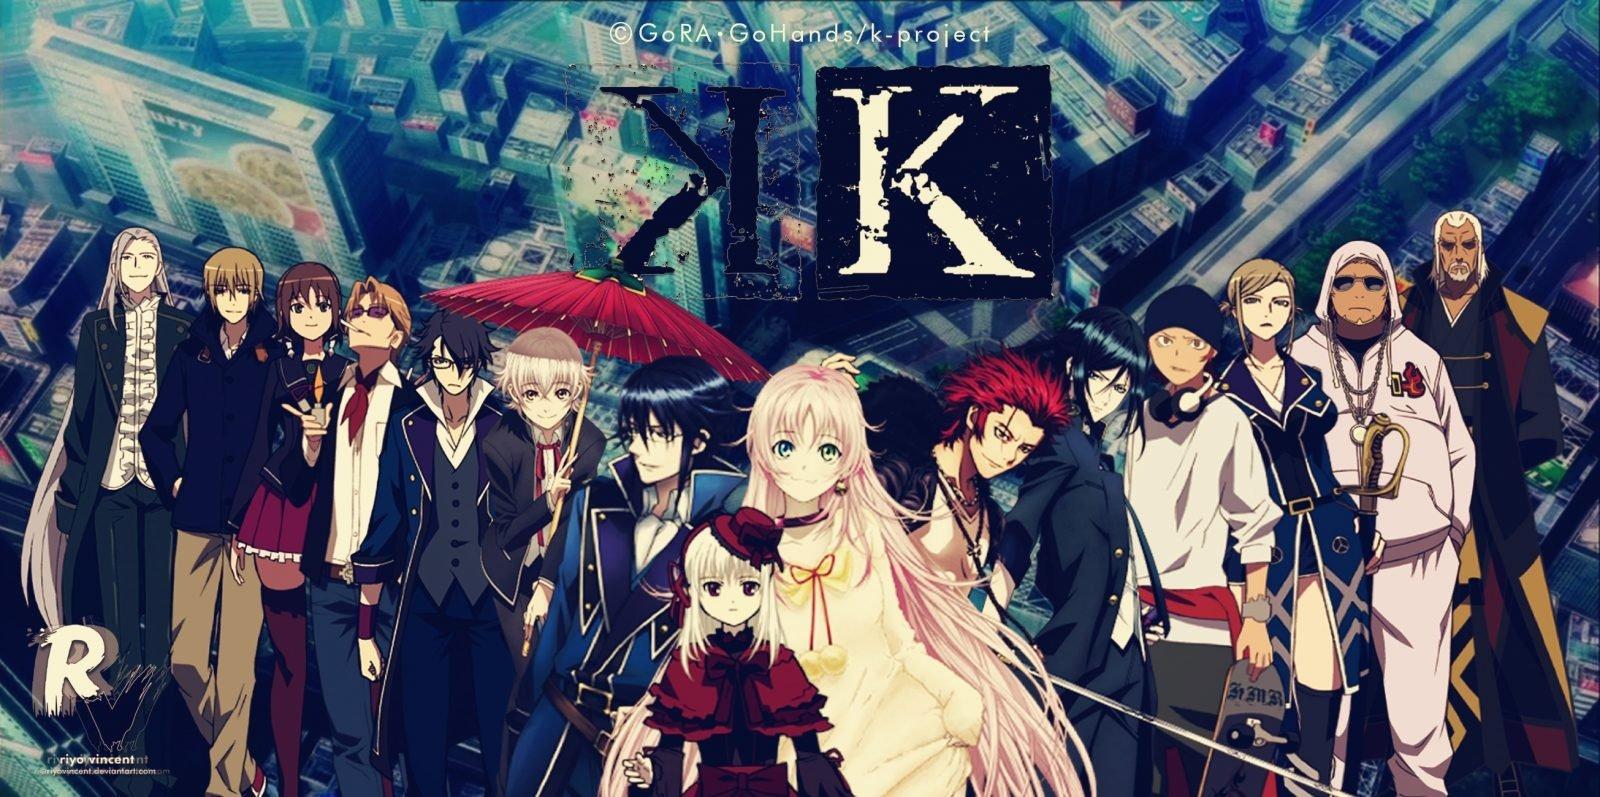 مراجعة انمي K project